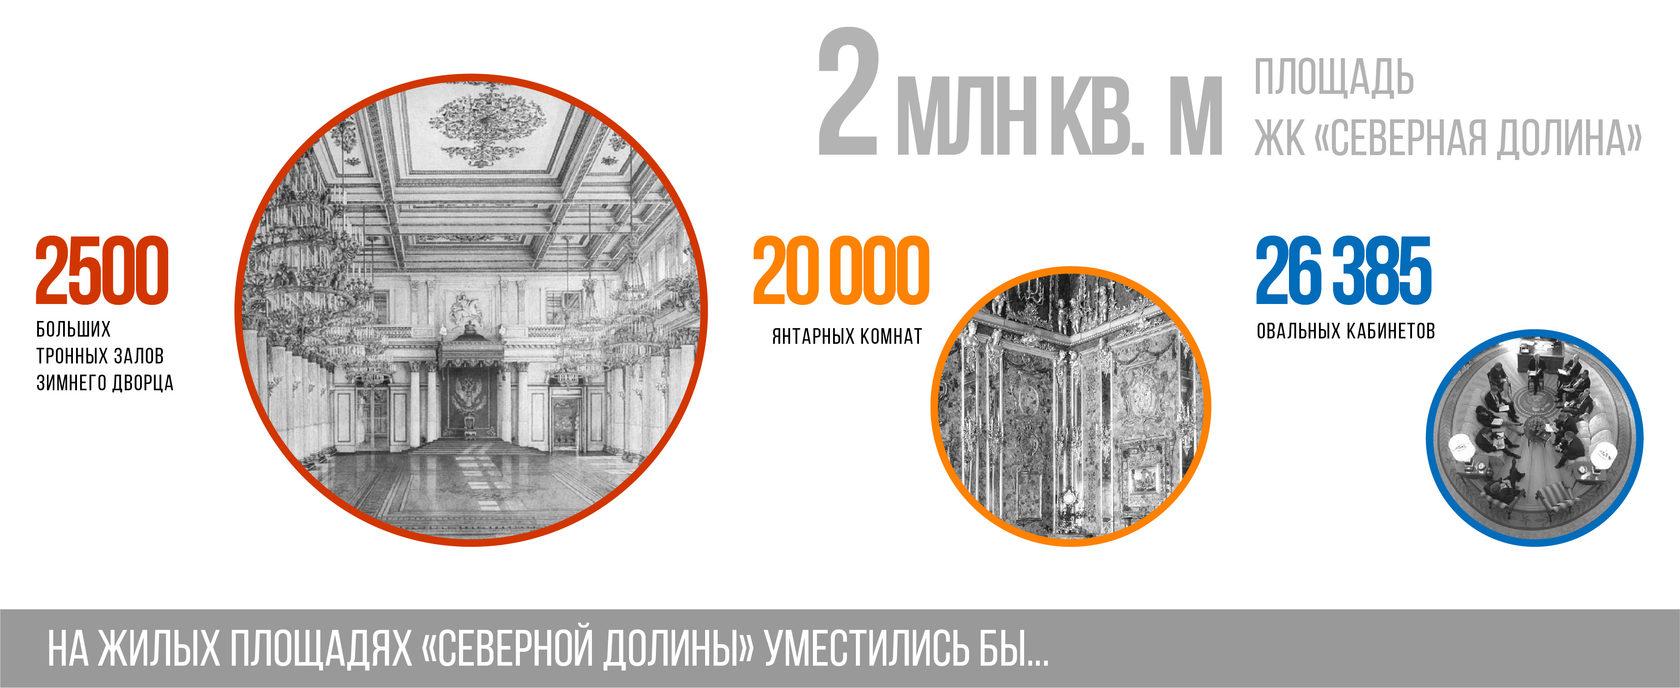 площадь жк северная долина 2 млн кв м, здесь поместились бы овальный кабинет, янтарная комната, тронный зал